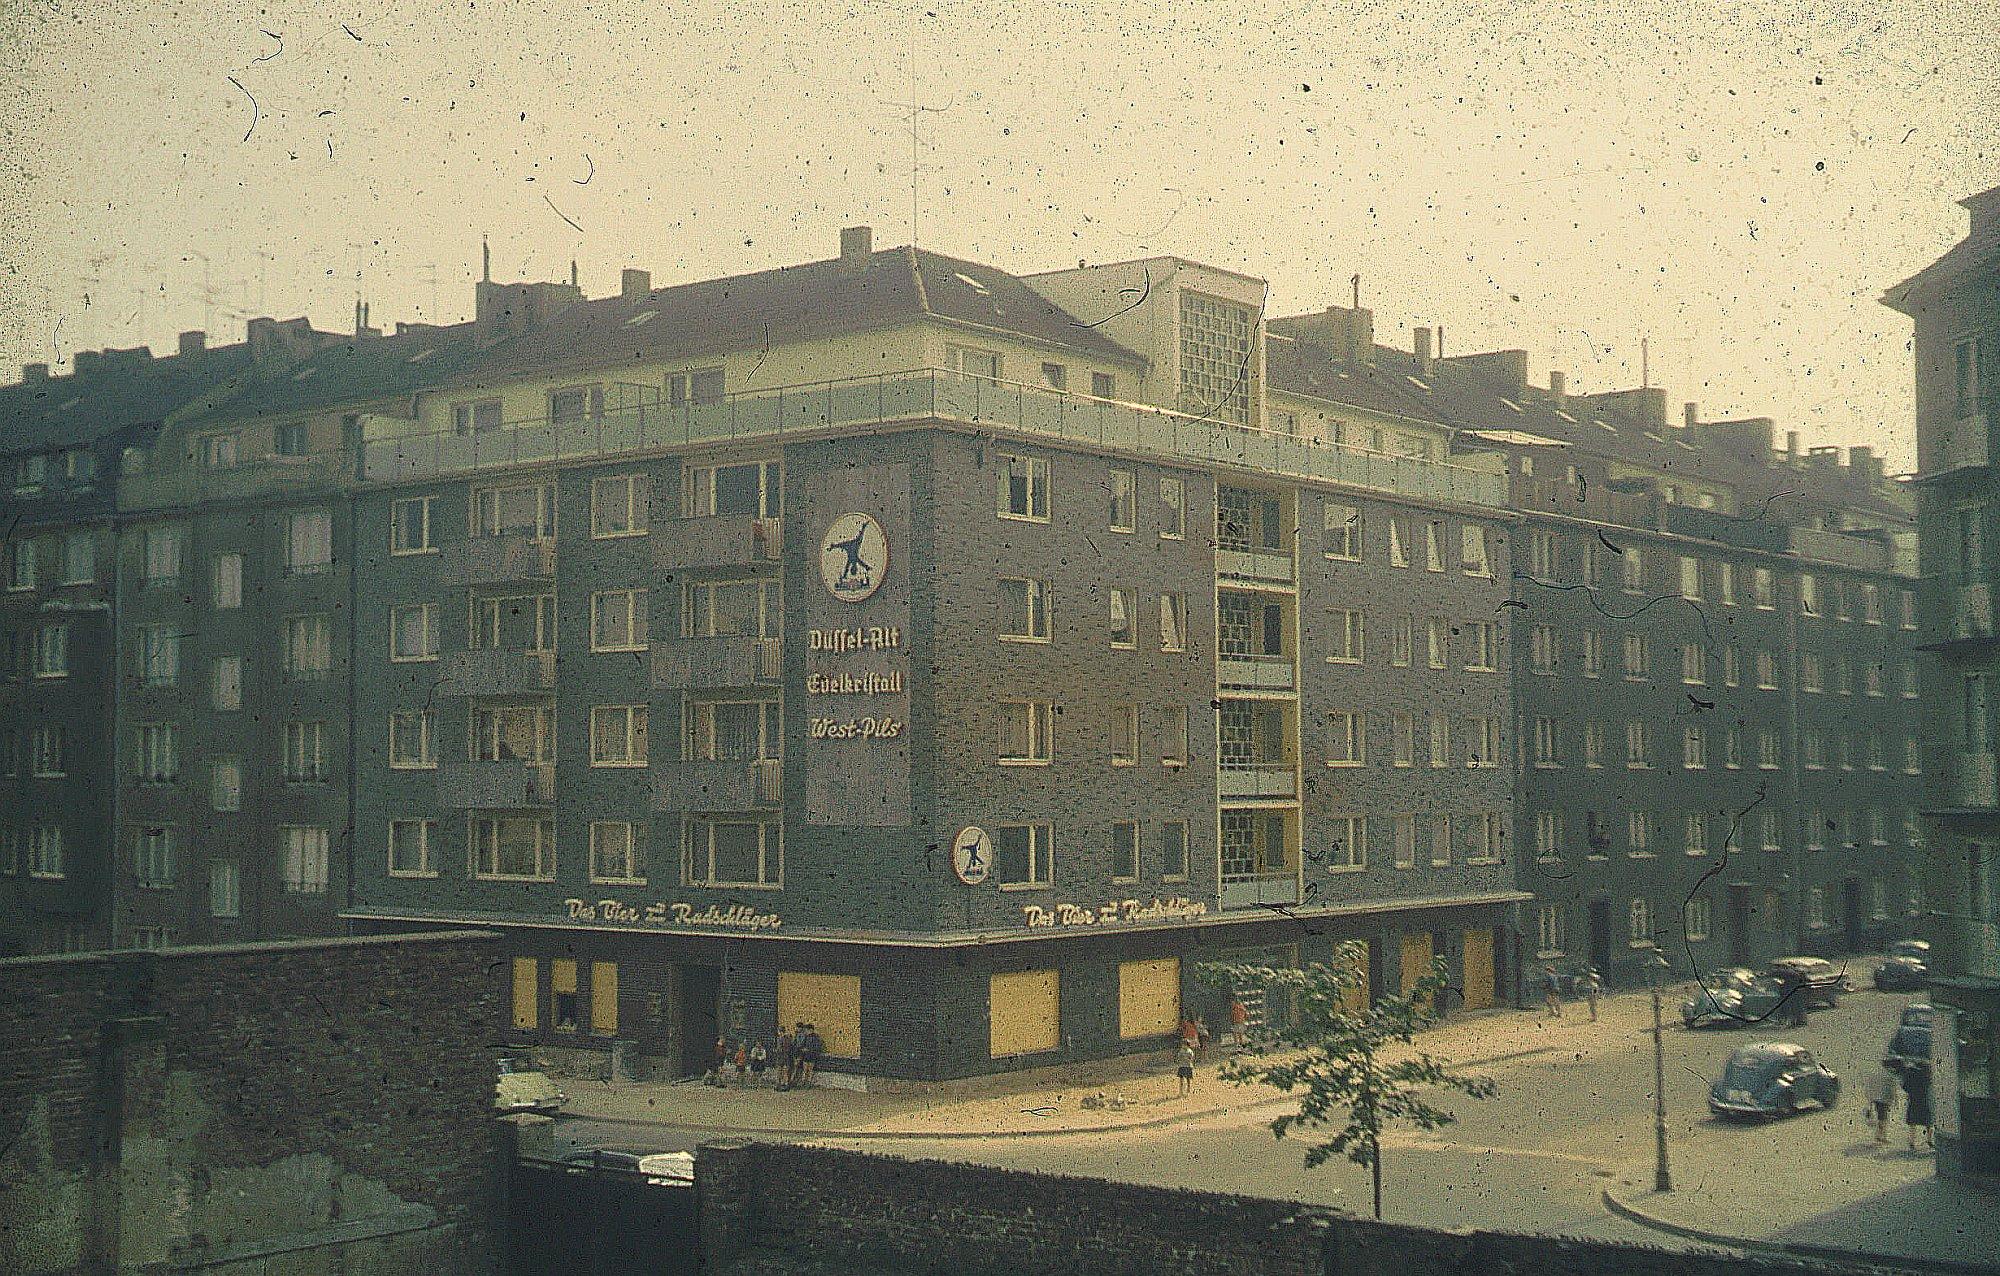 Tussmannstr Düsseldorf ortsangabe tußmannstraße eine kindheit in den sechzigerjahren